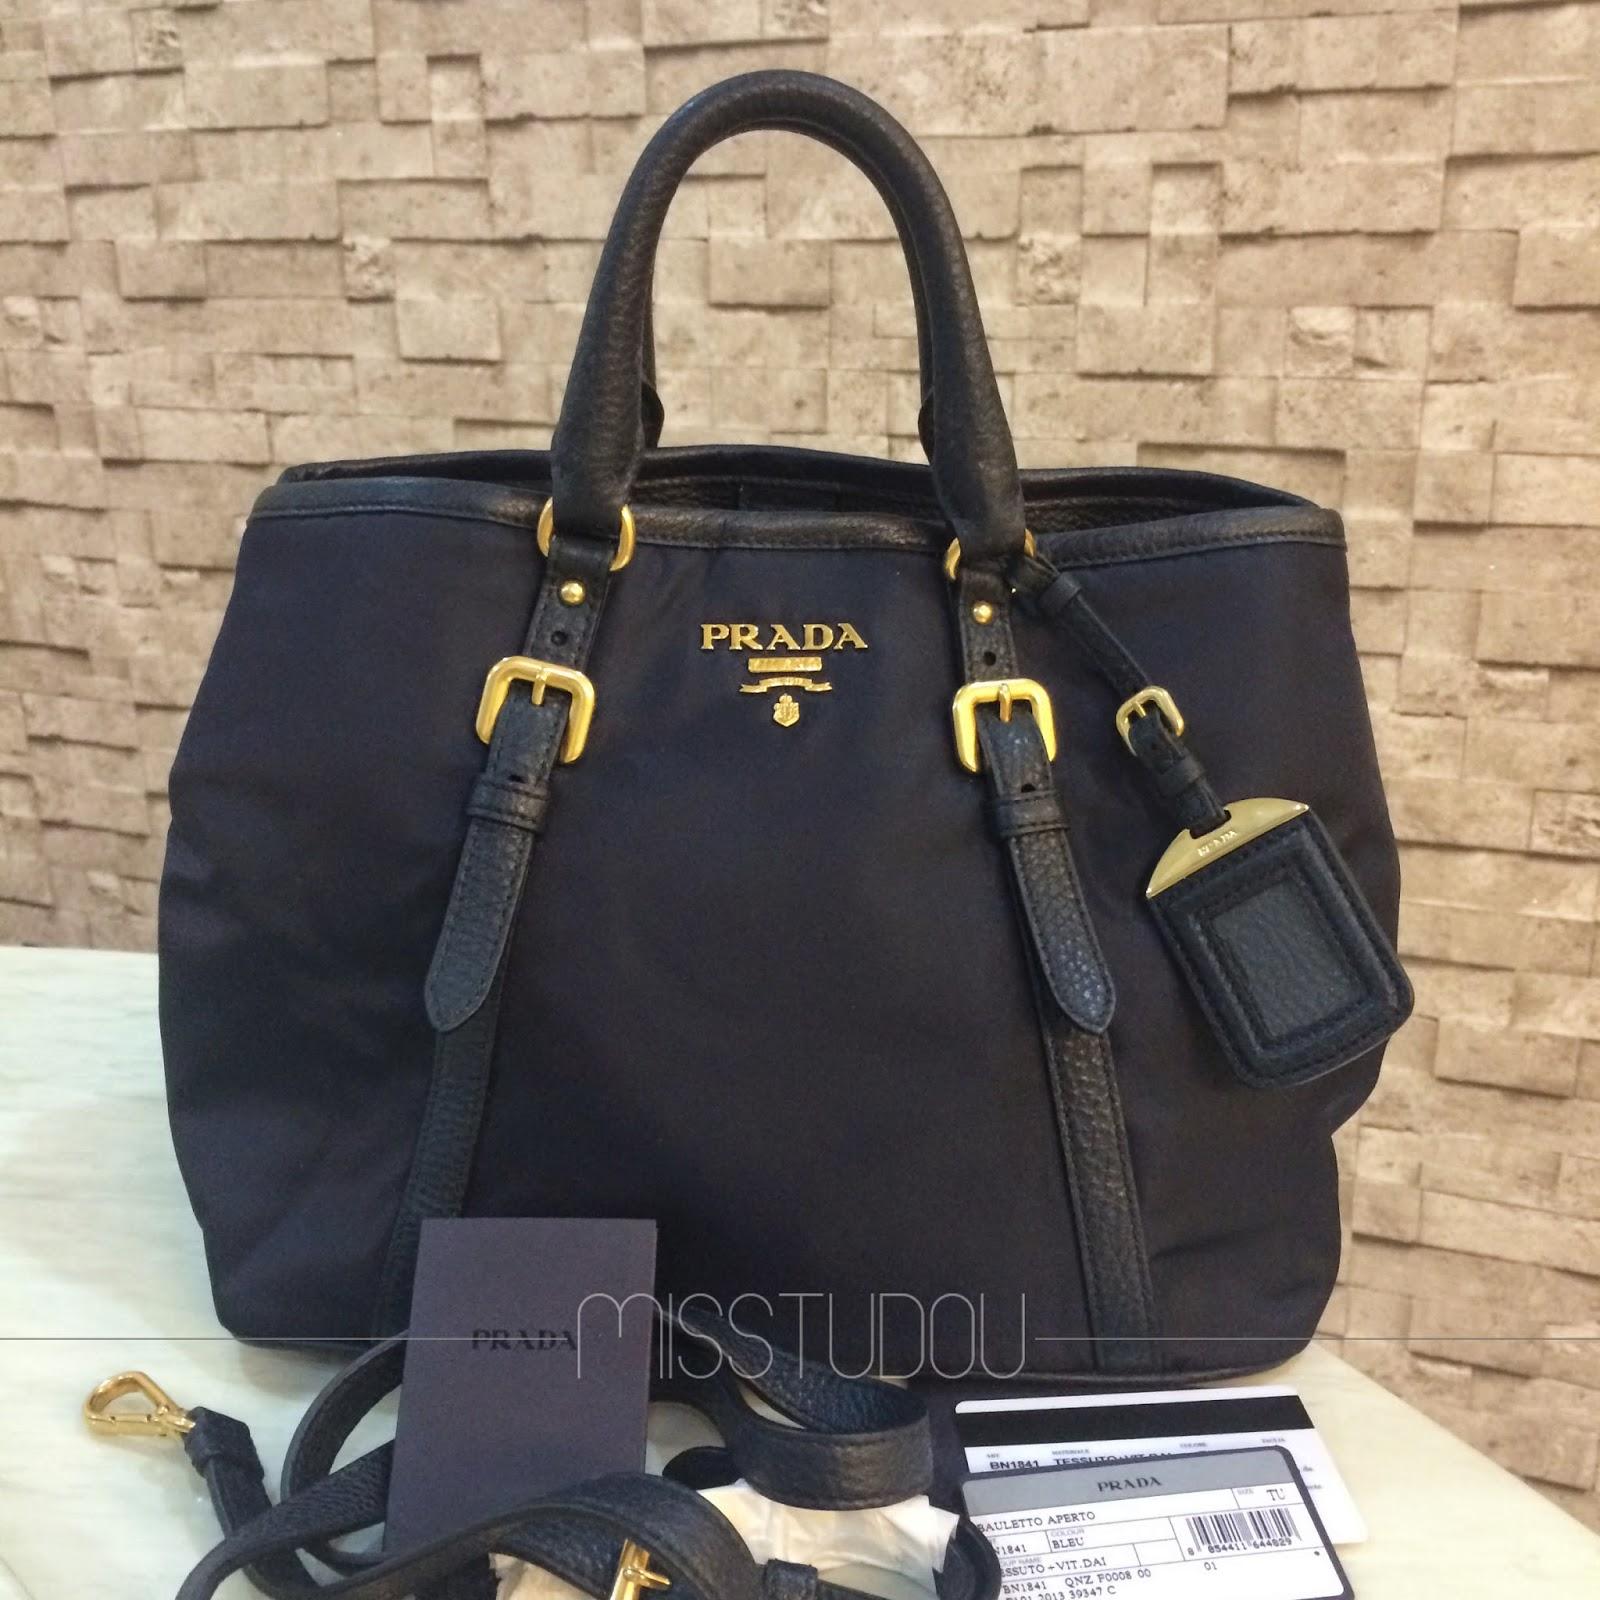 prada pruse - MISSTUDOU   YOUR 100% AUTHENTIC BAG